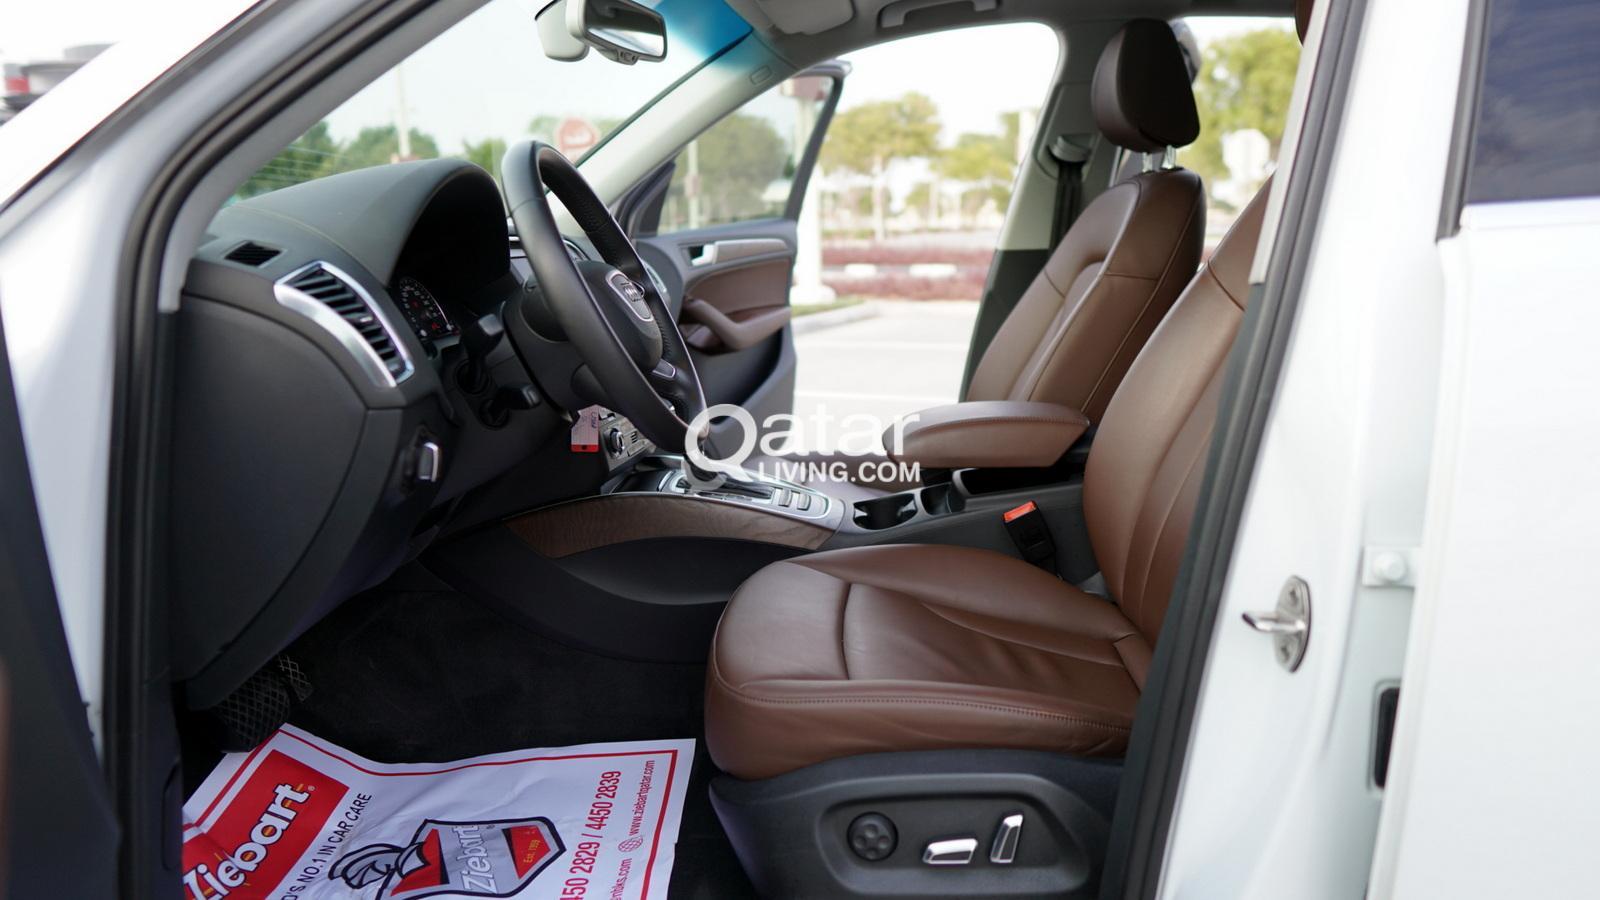 2015 Audi Q5 Quattro 2.0T ( more photos Available Upon Request)